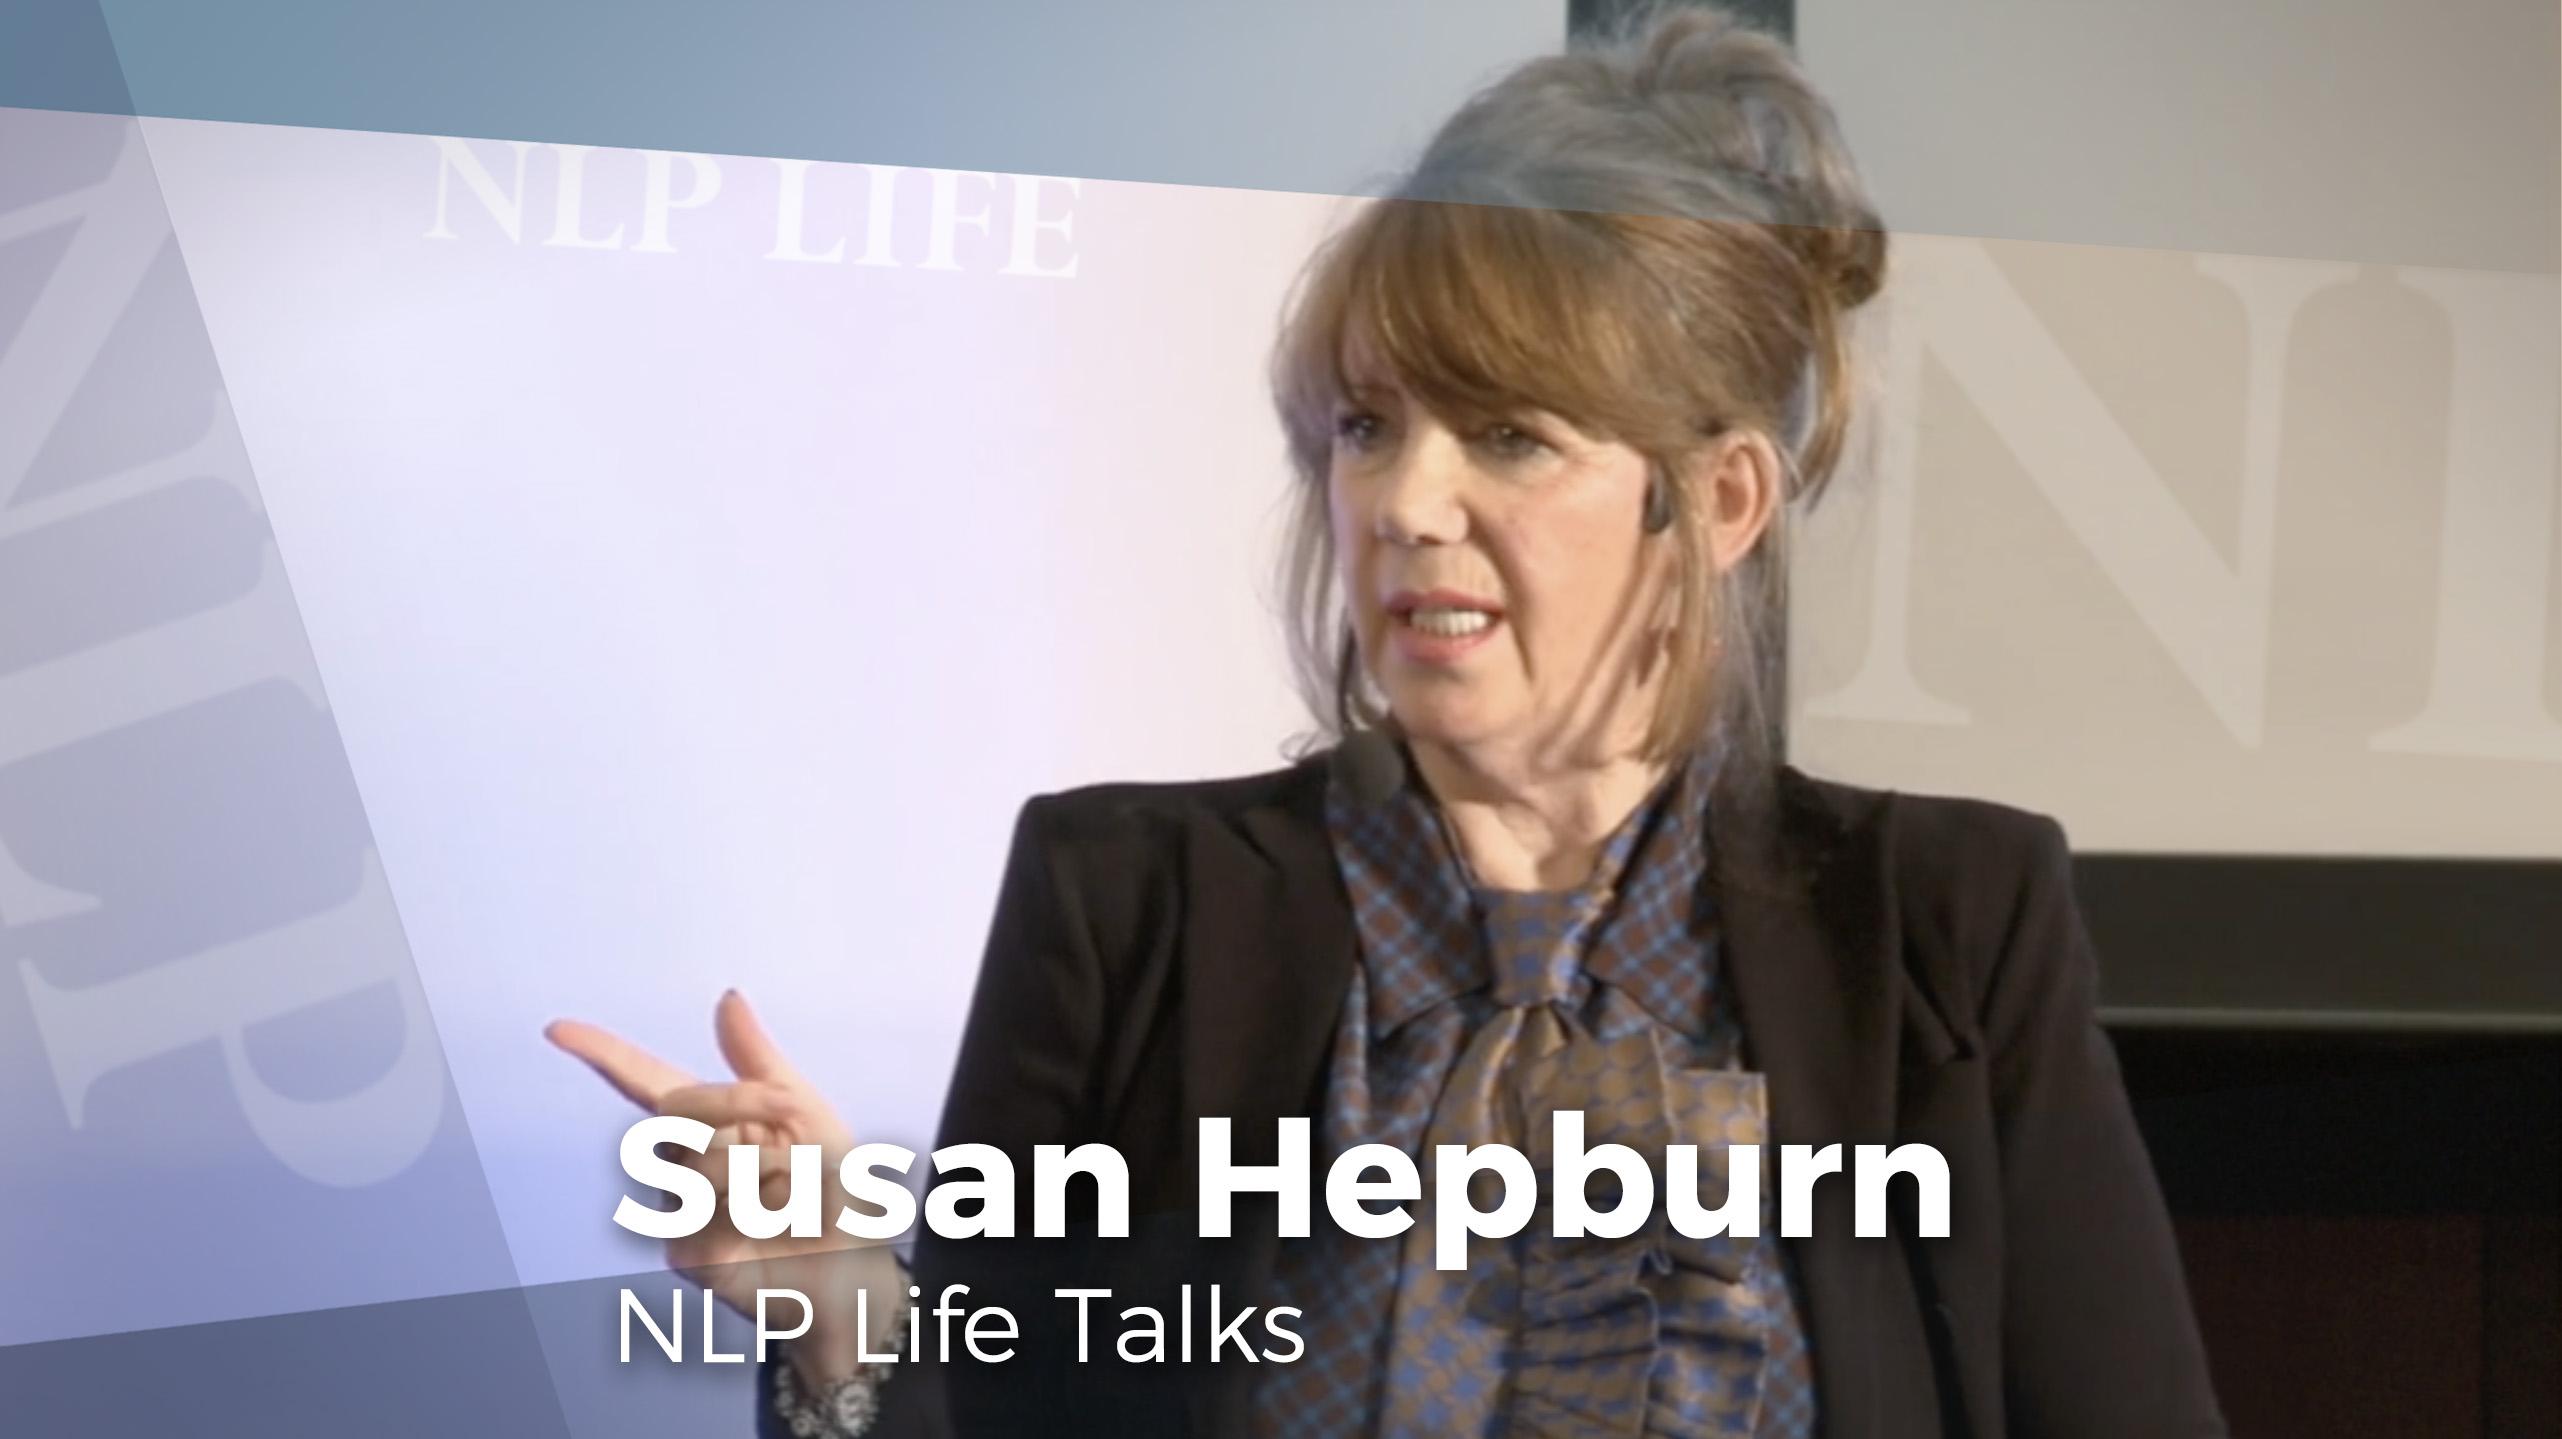 Susan Hepburn's NLP Life Talk